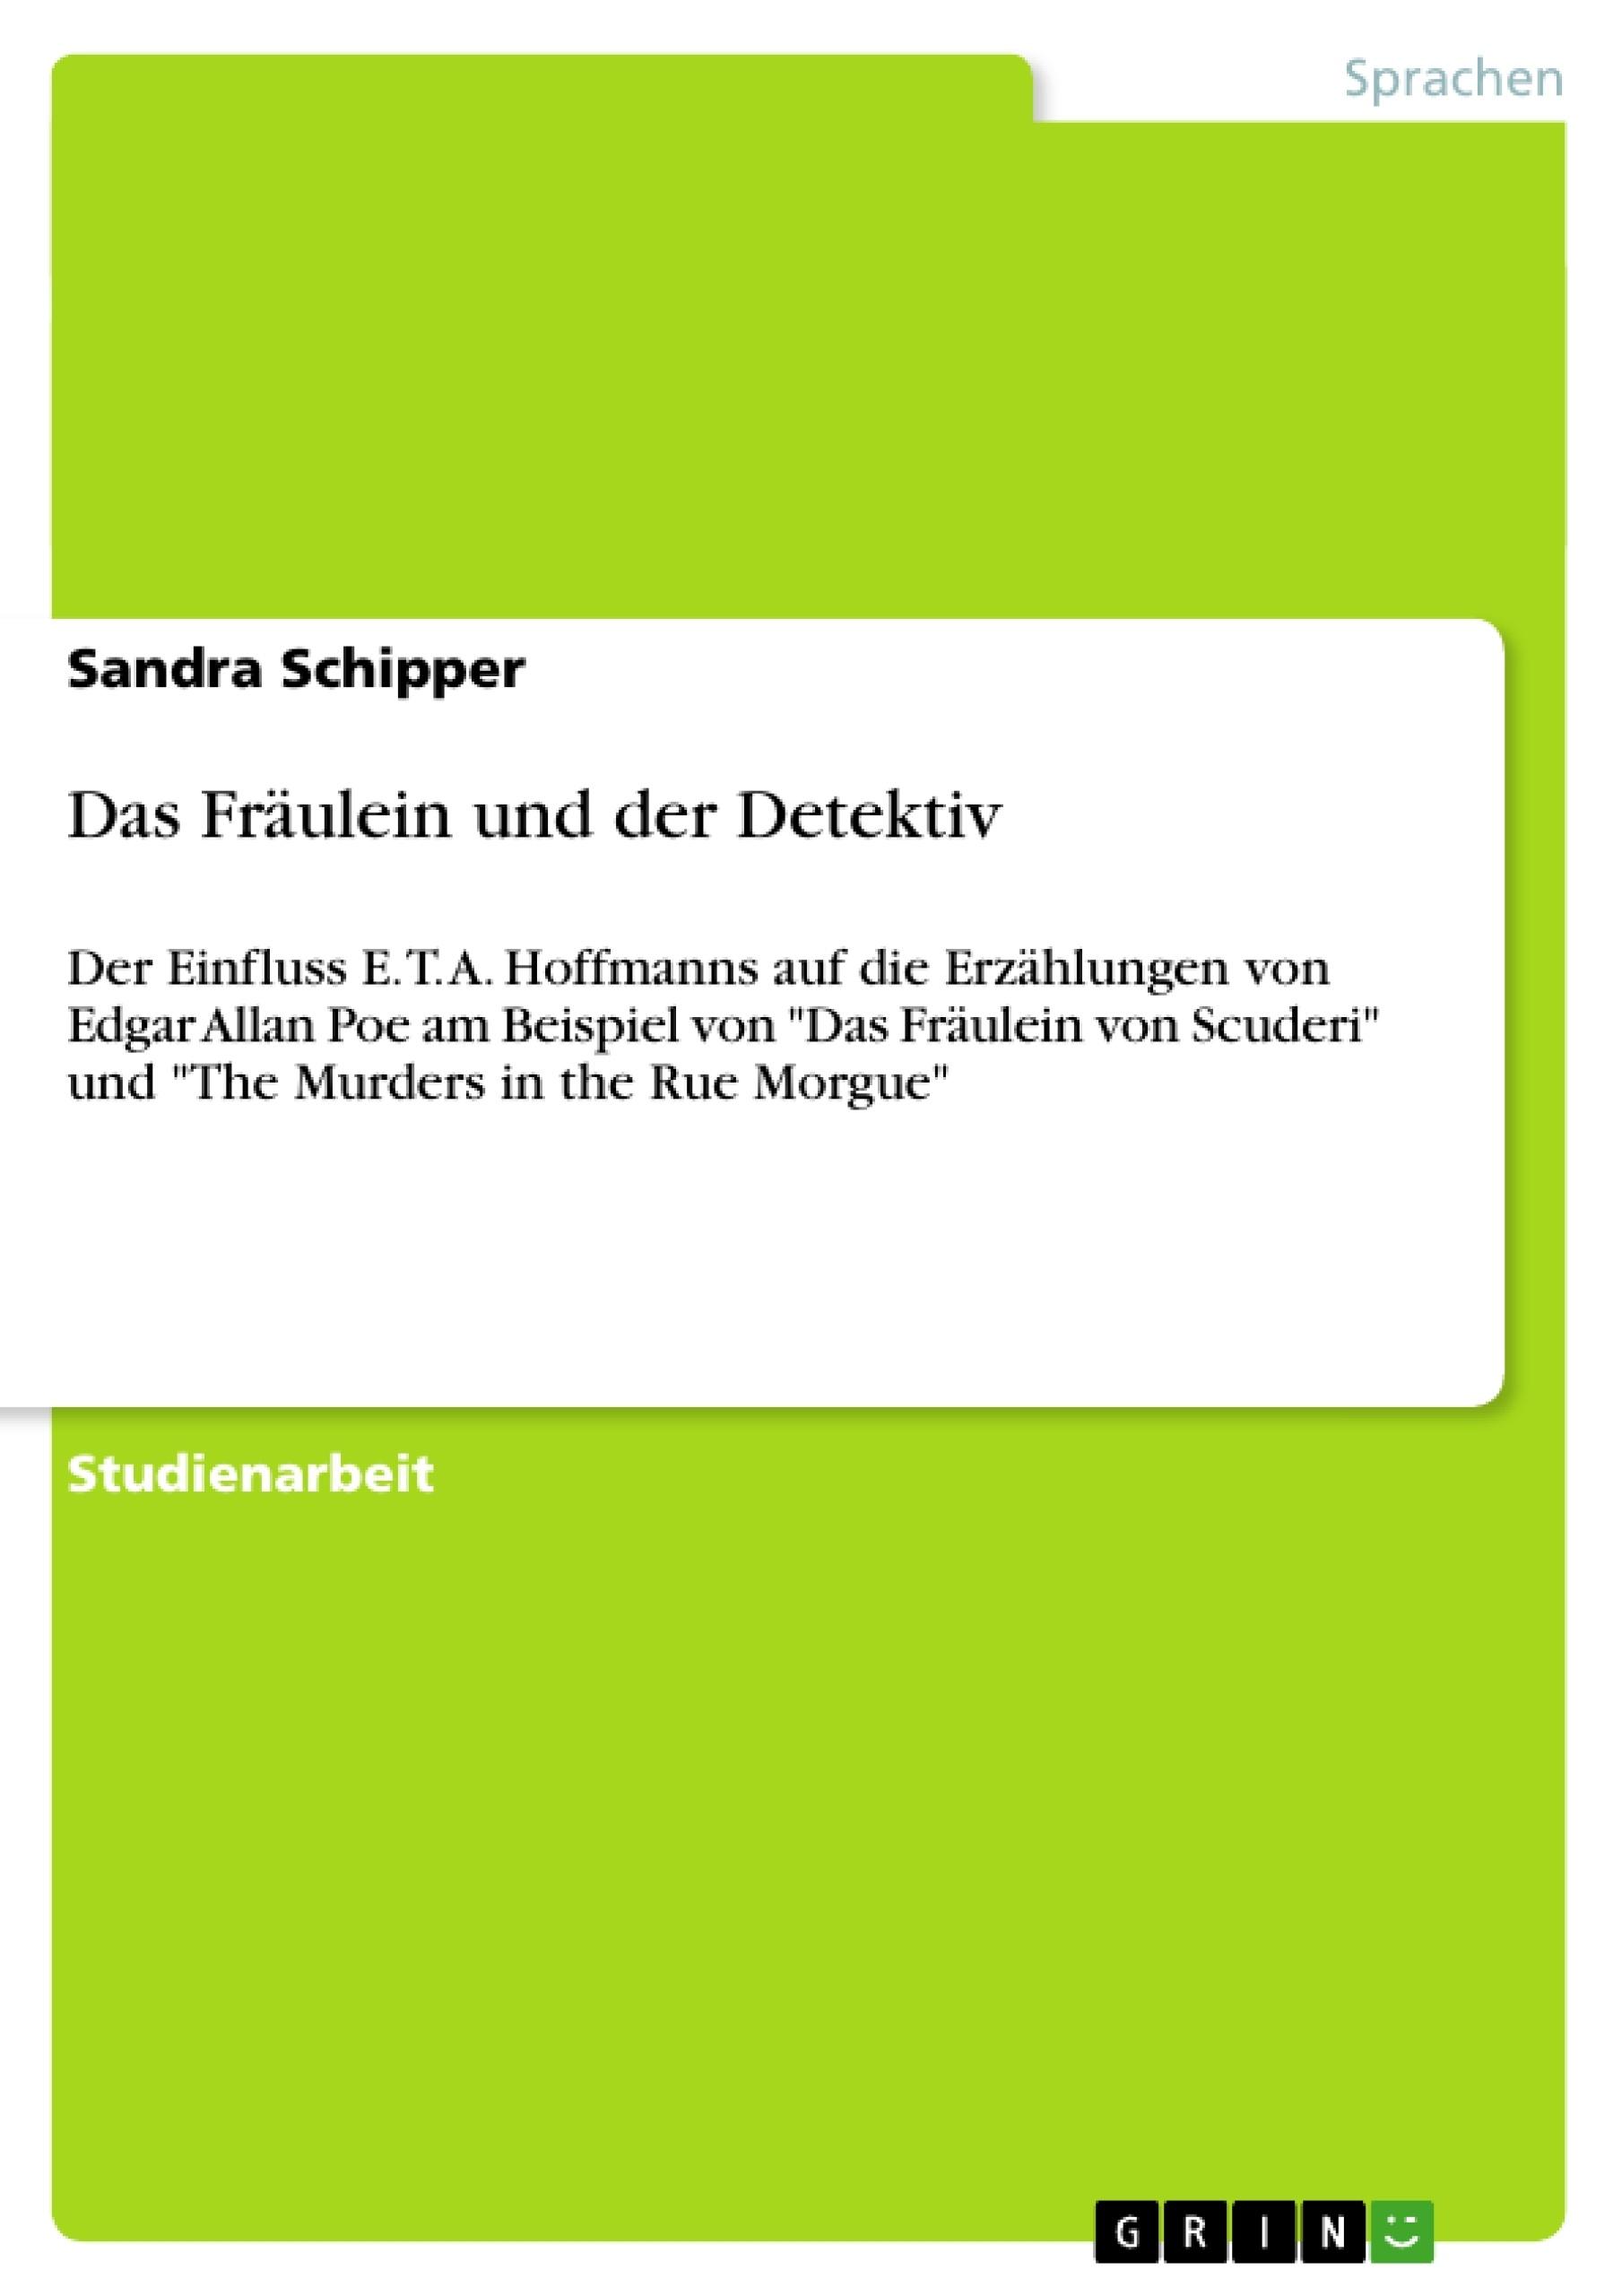 Titel: Das Fräulein und der Detektiv